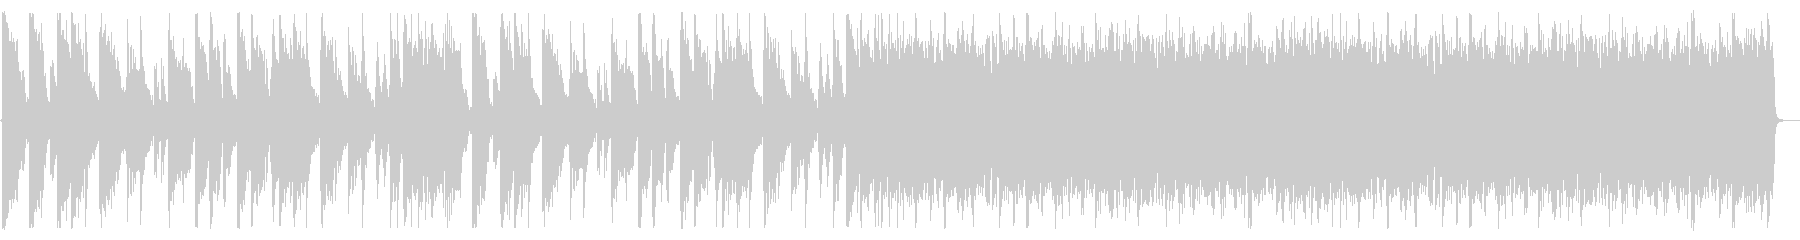 重厚/シンプル/ロック_No600_2の未再生の波形